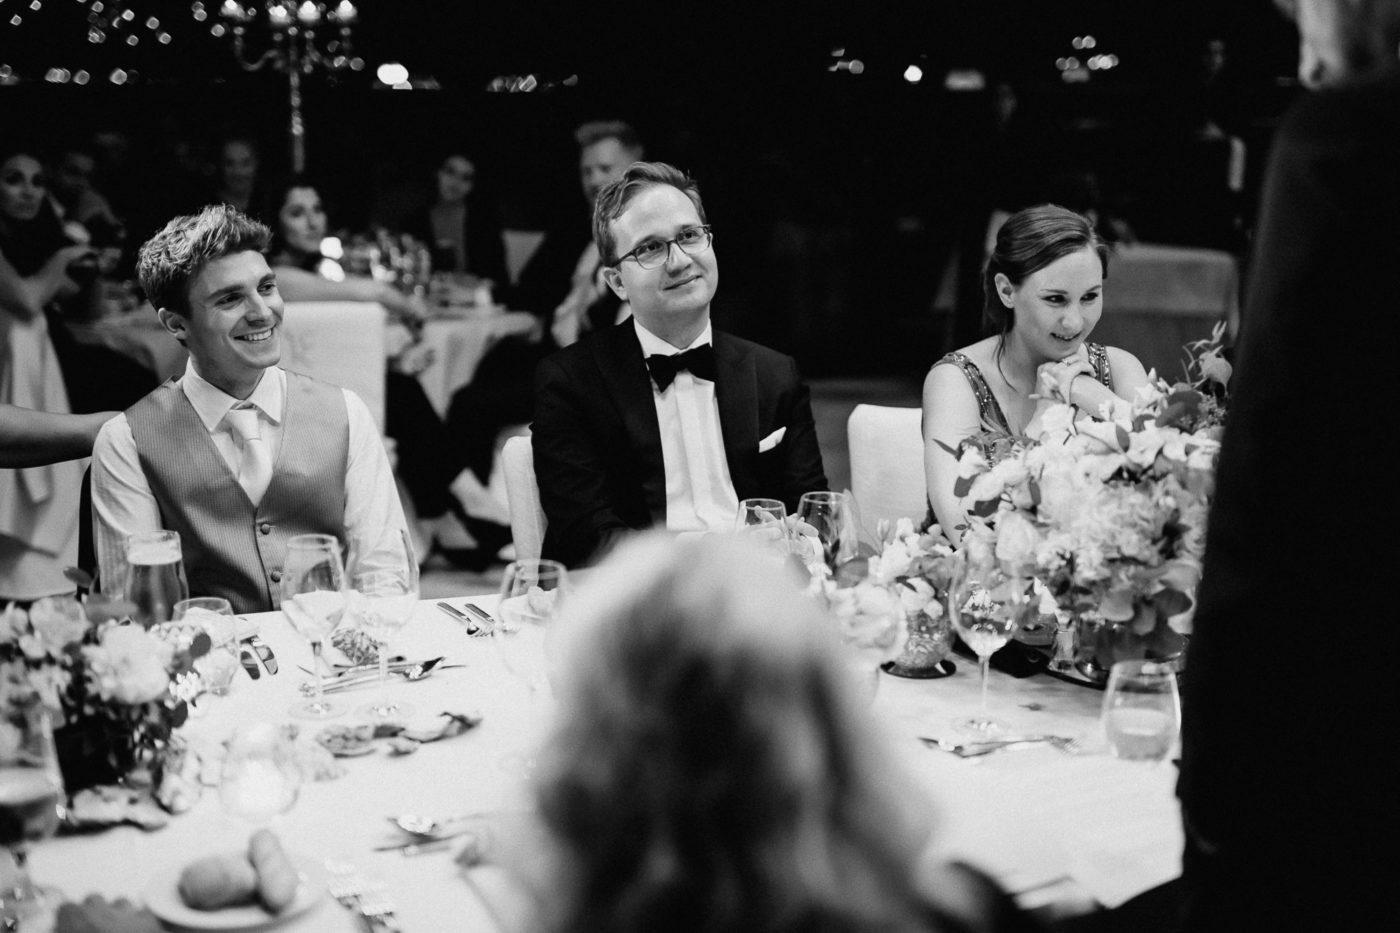 Die lächelnden Gäste hören der Tischrede des Bräutigams zu